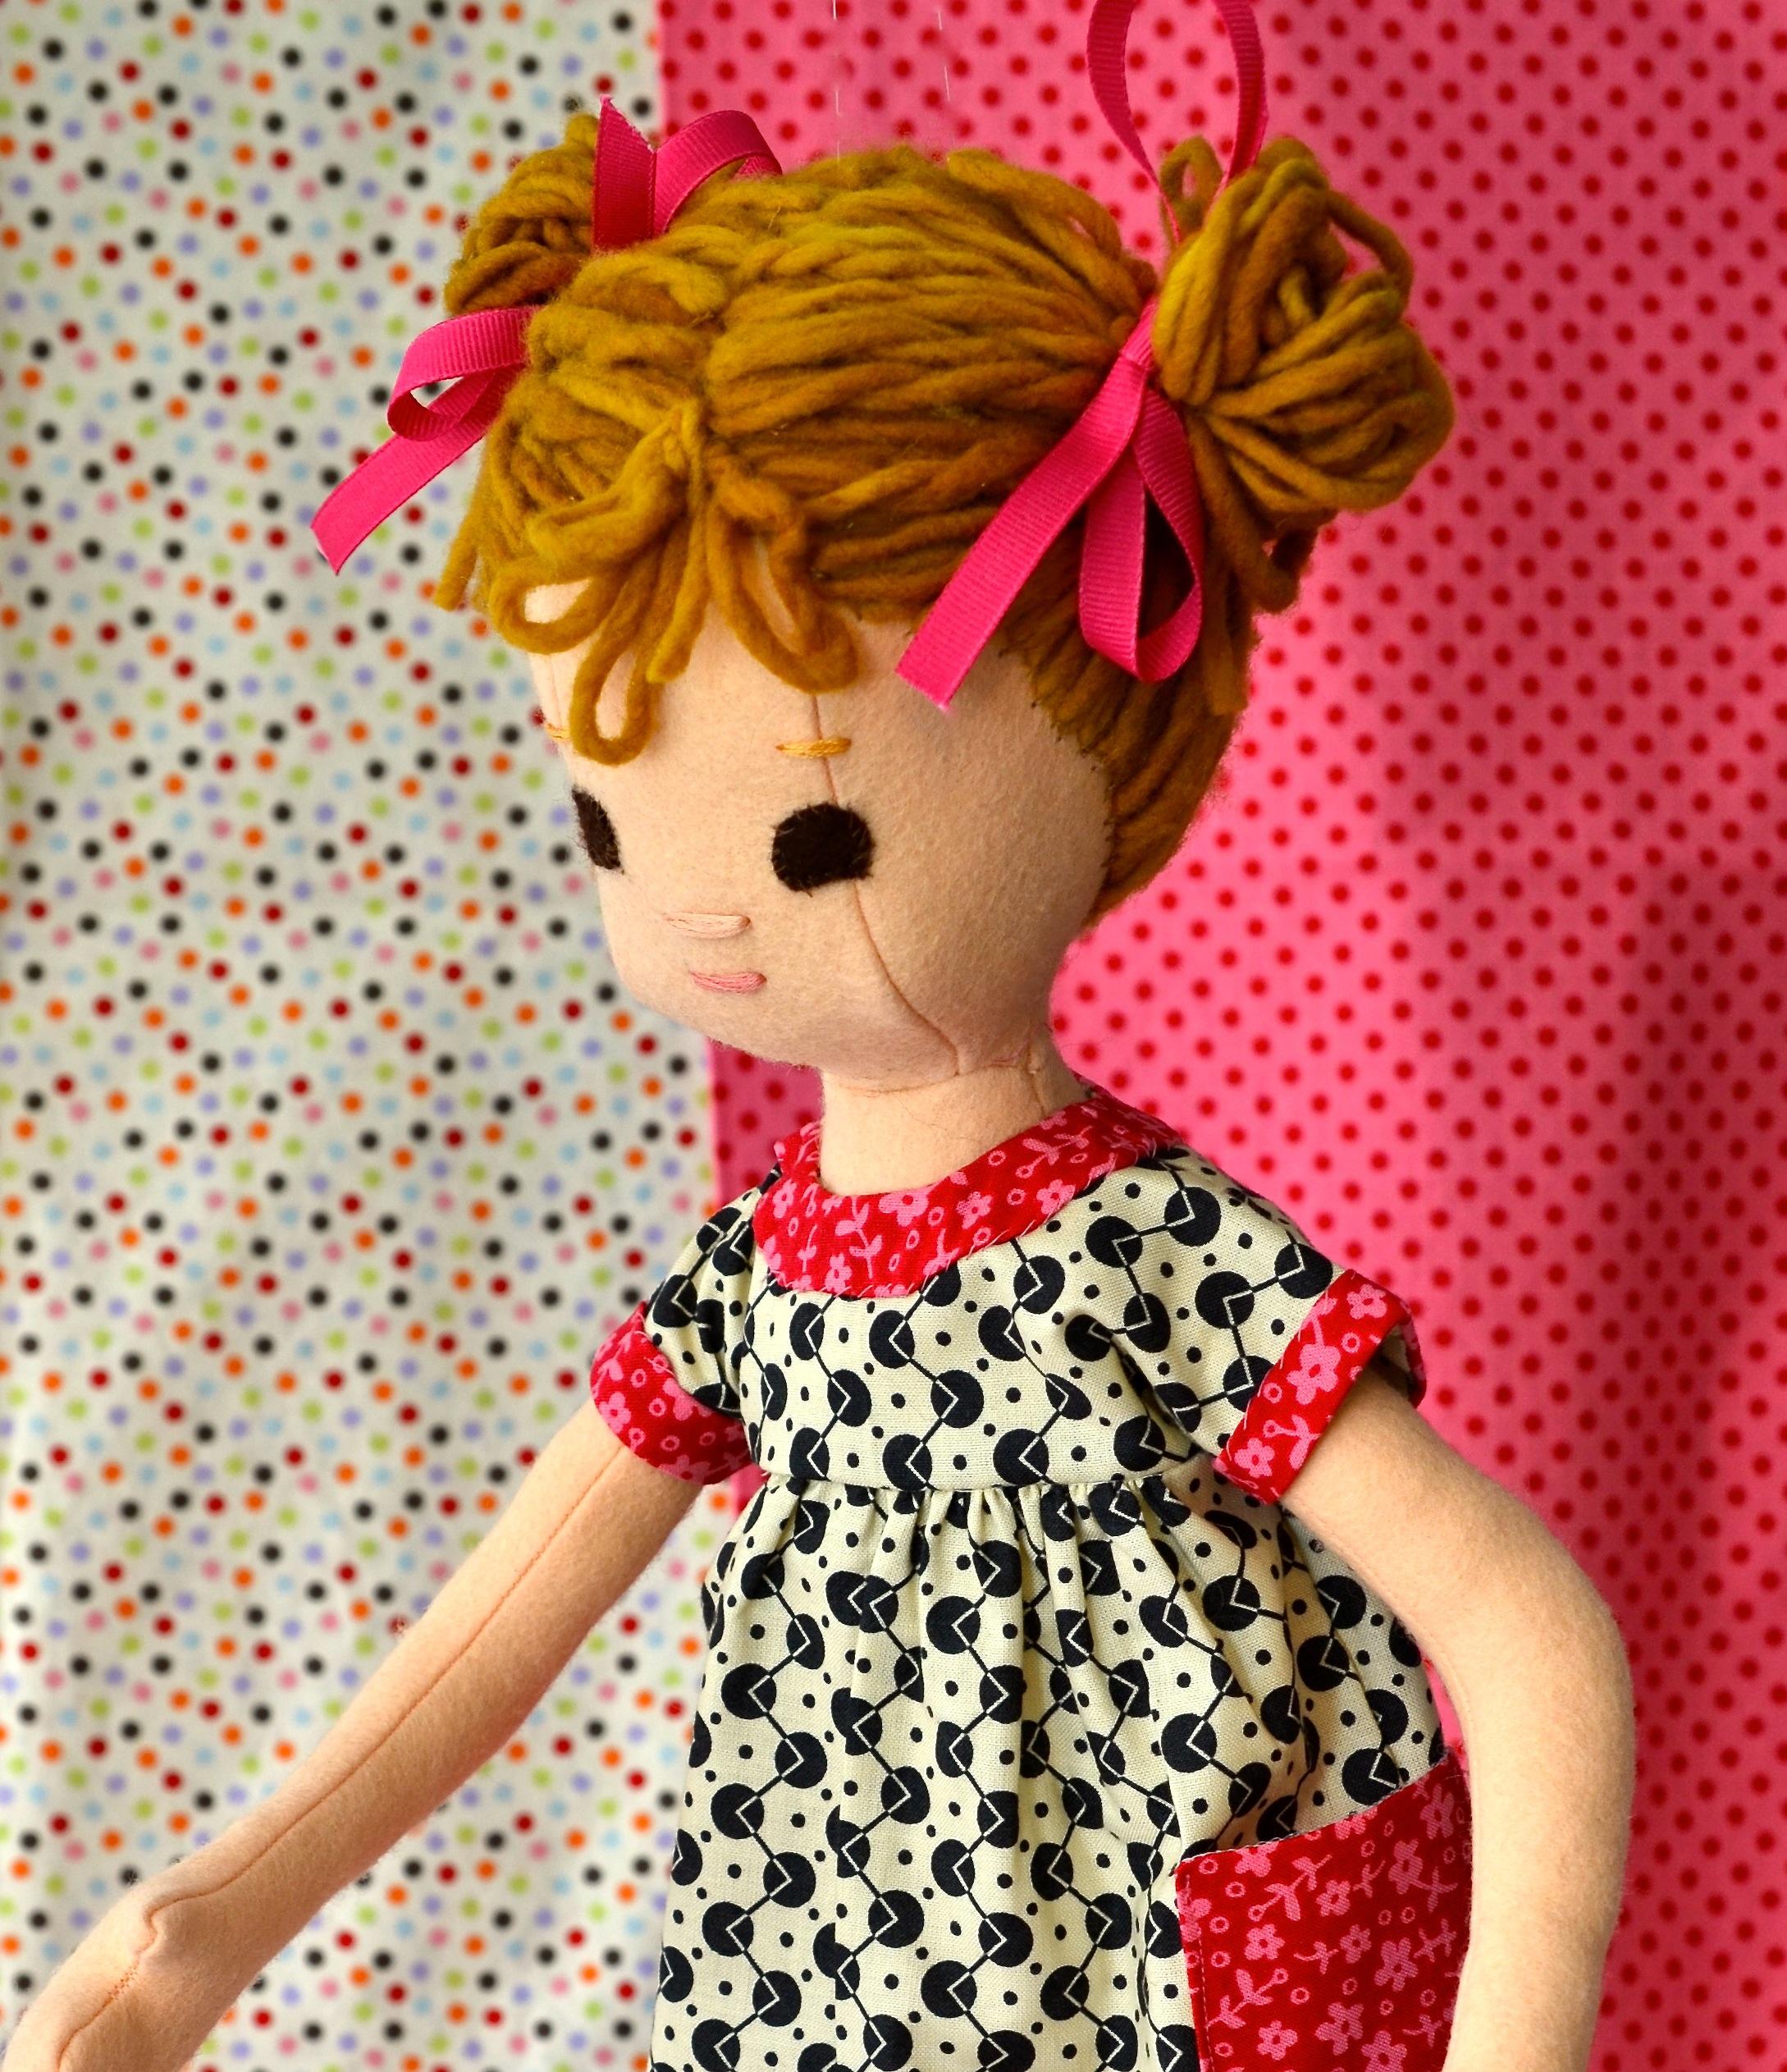 Auburn Hair pigtails2.jpg